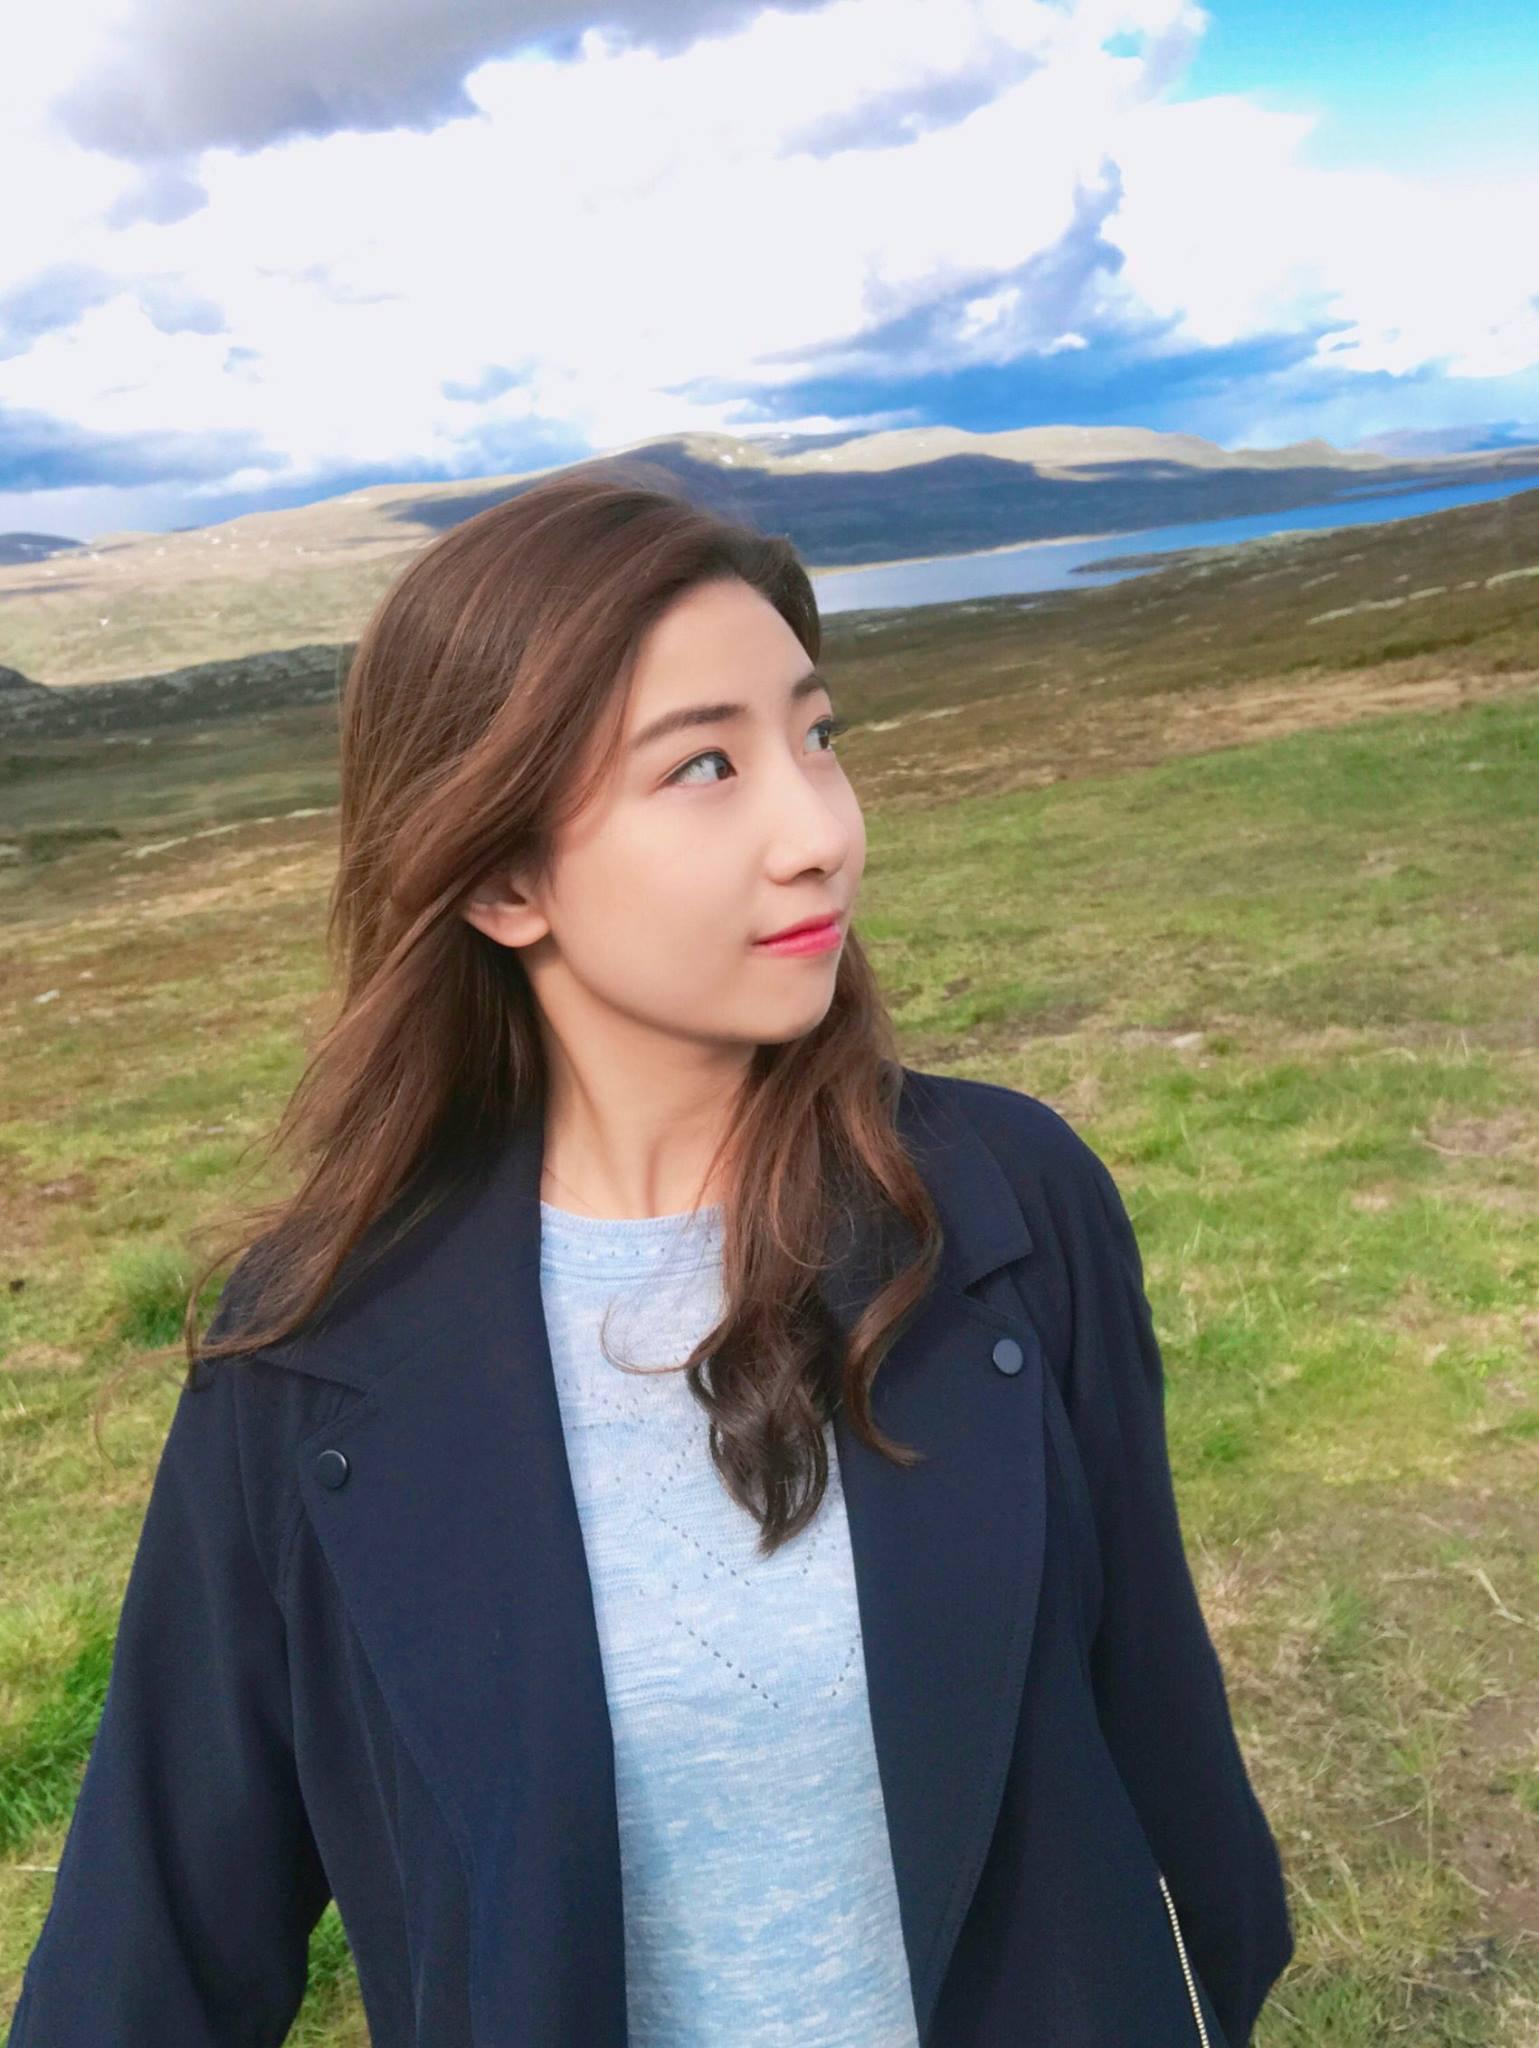 Yun Ji Chung